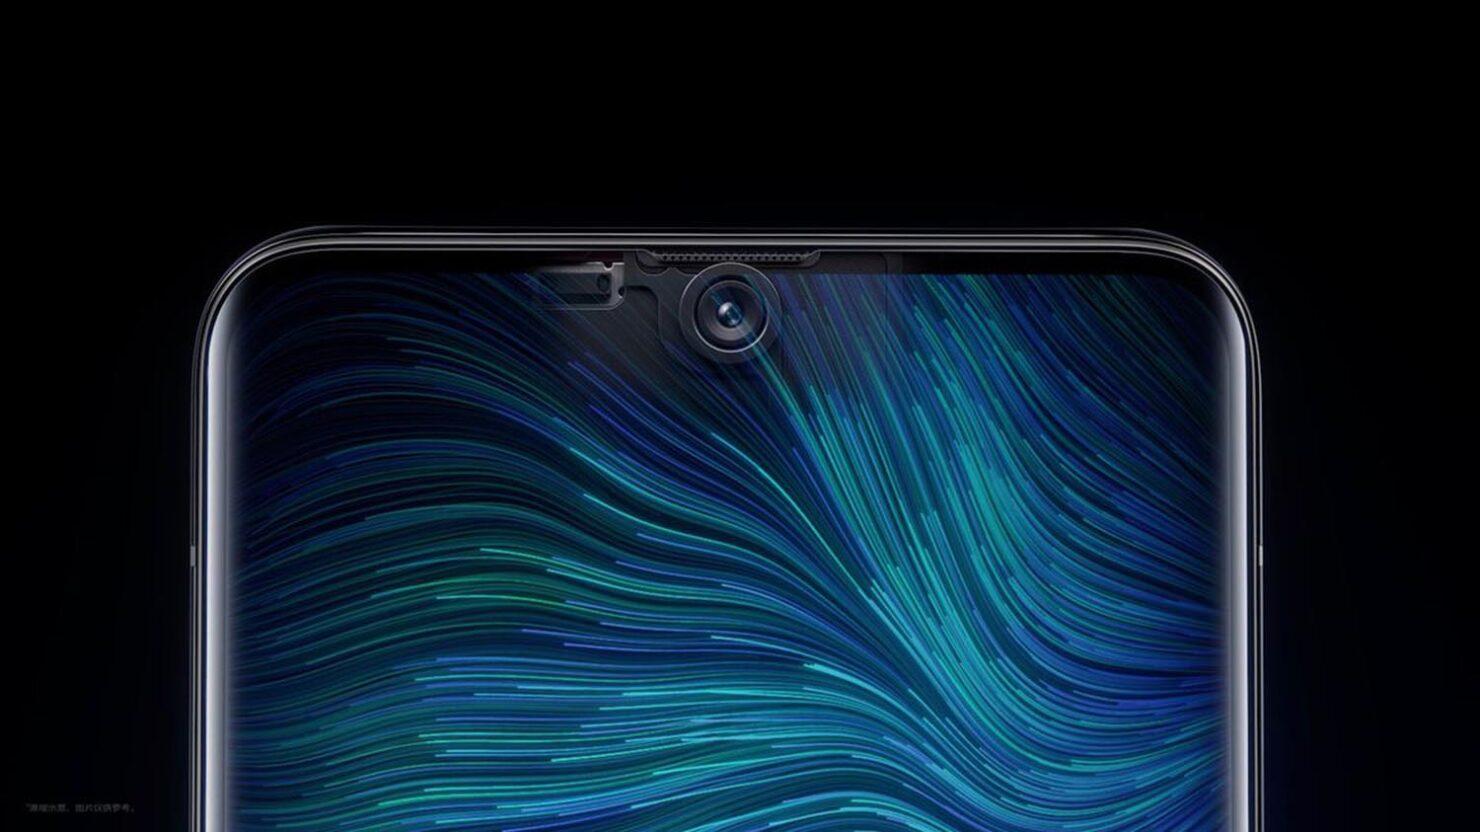 OPPO unveils worlds first under screen selfie camera